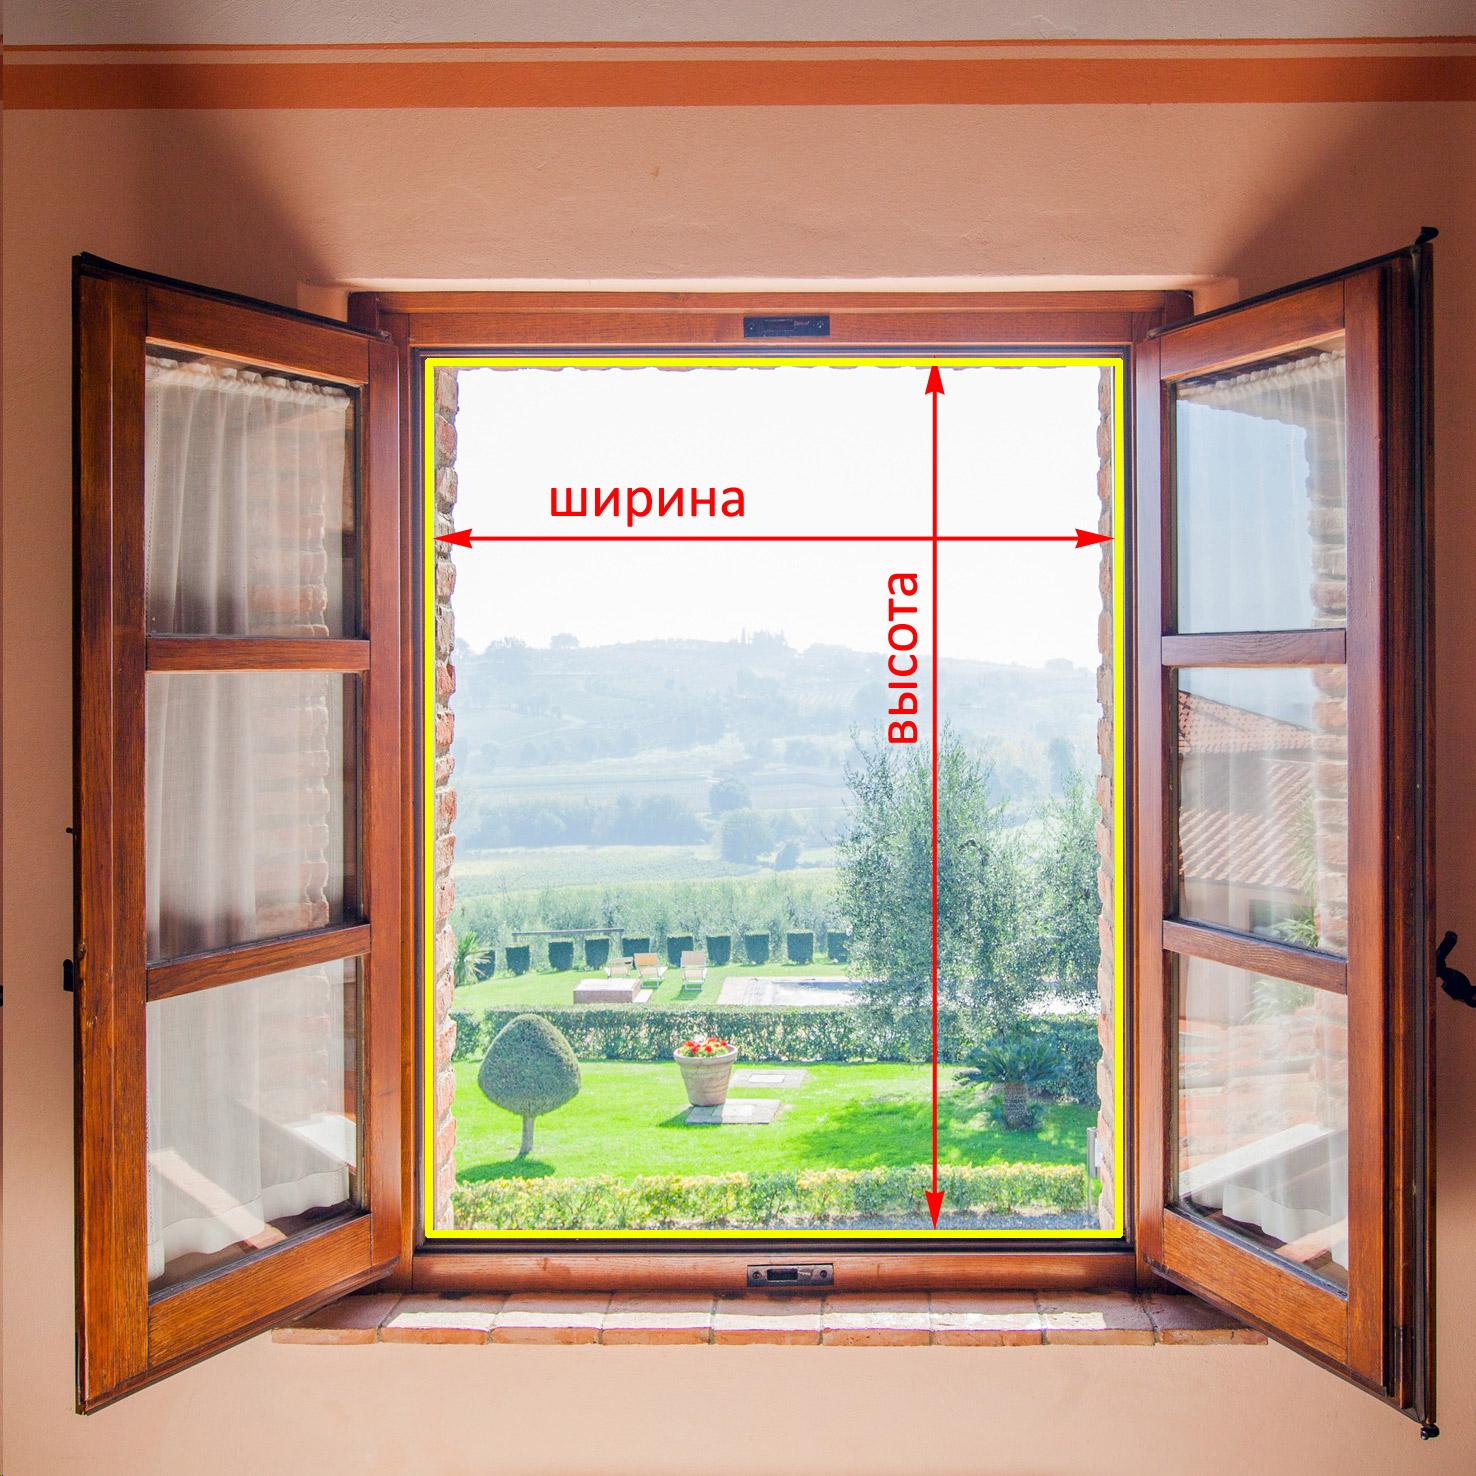 zameryaem-proyom-okna-po-svetu.jpg